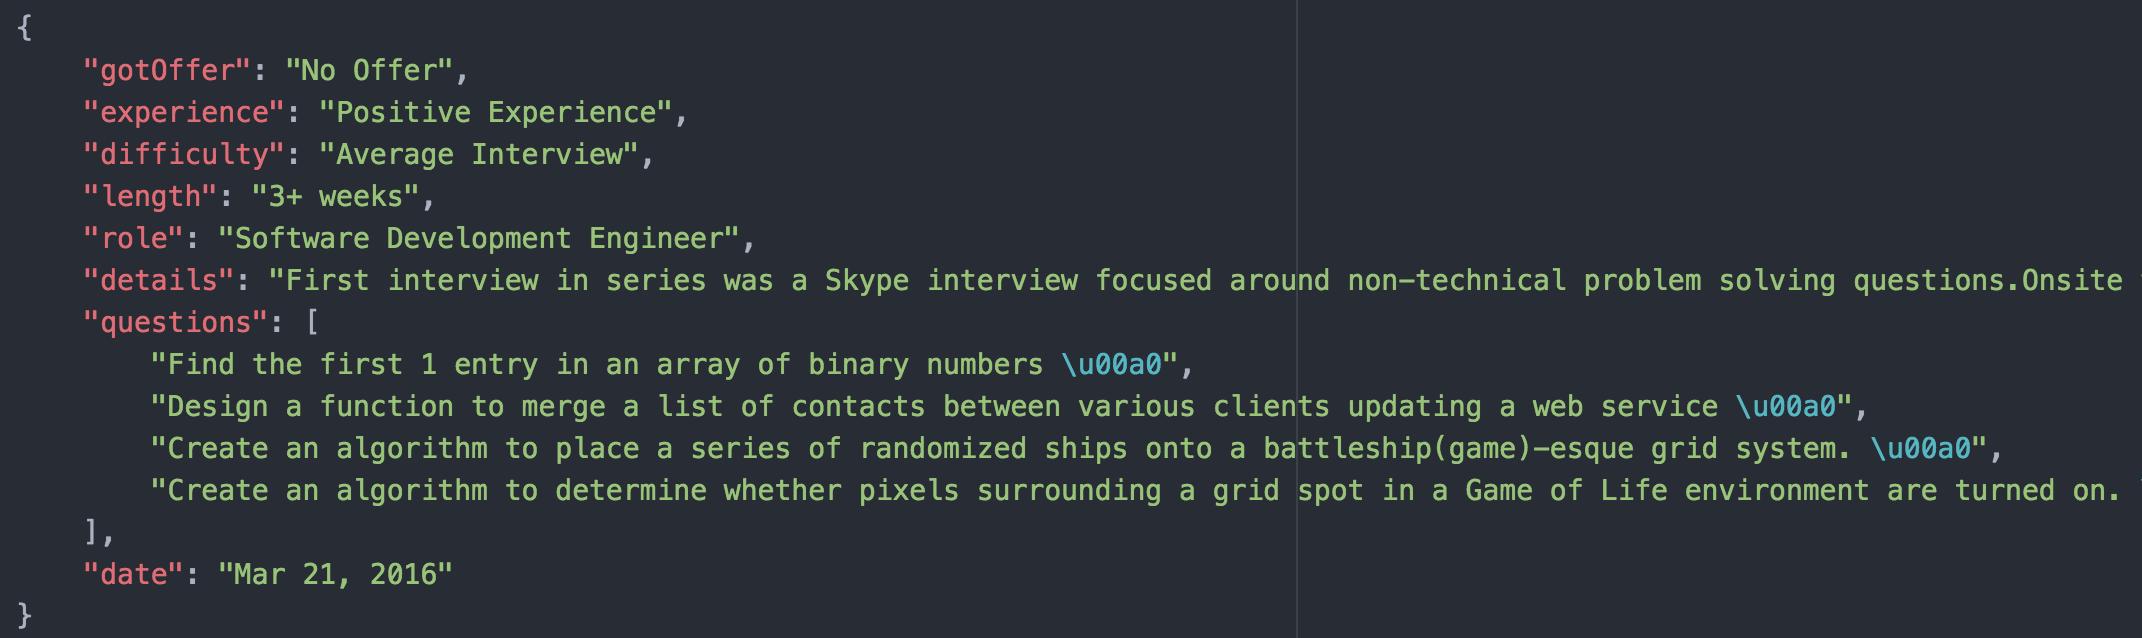 GitHub - williamxie11/glassdoor-interview-scraper: Web scraper for